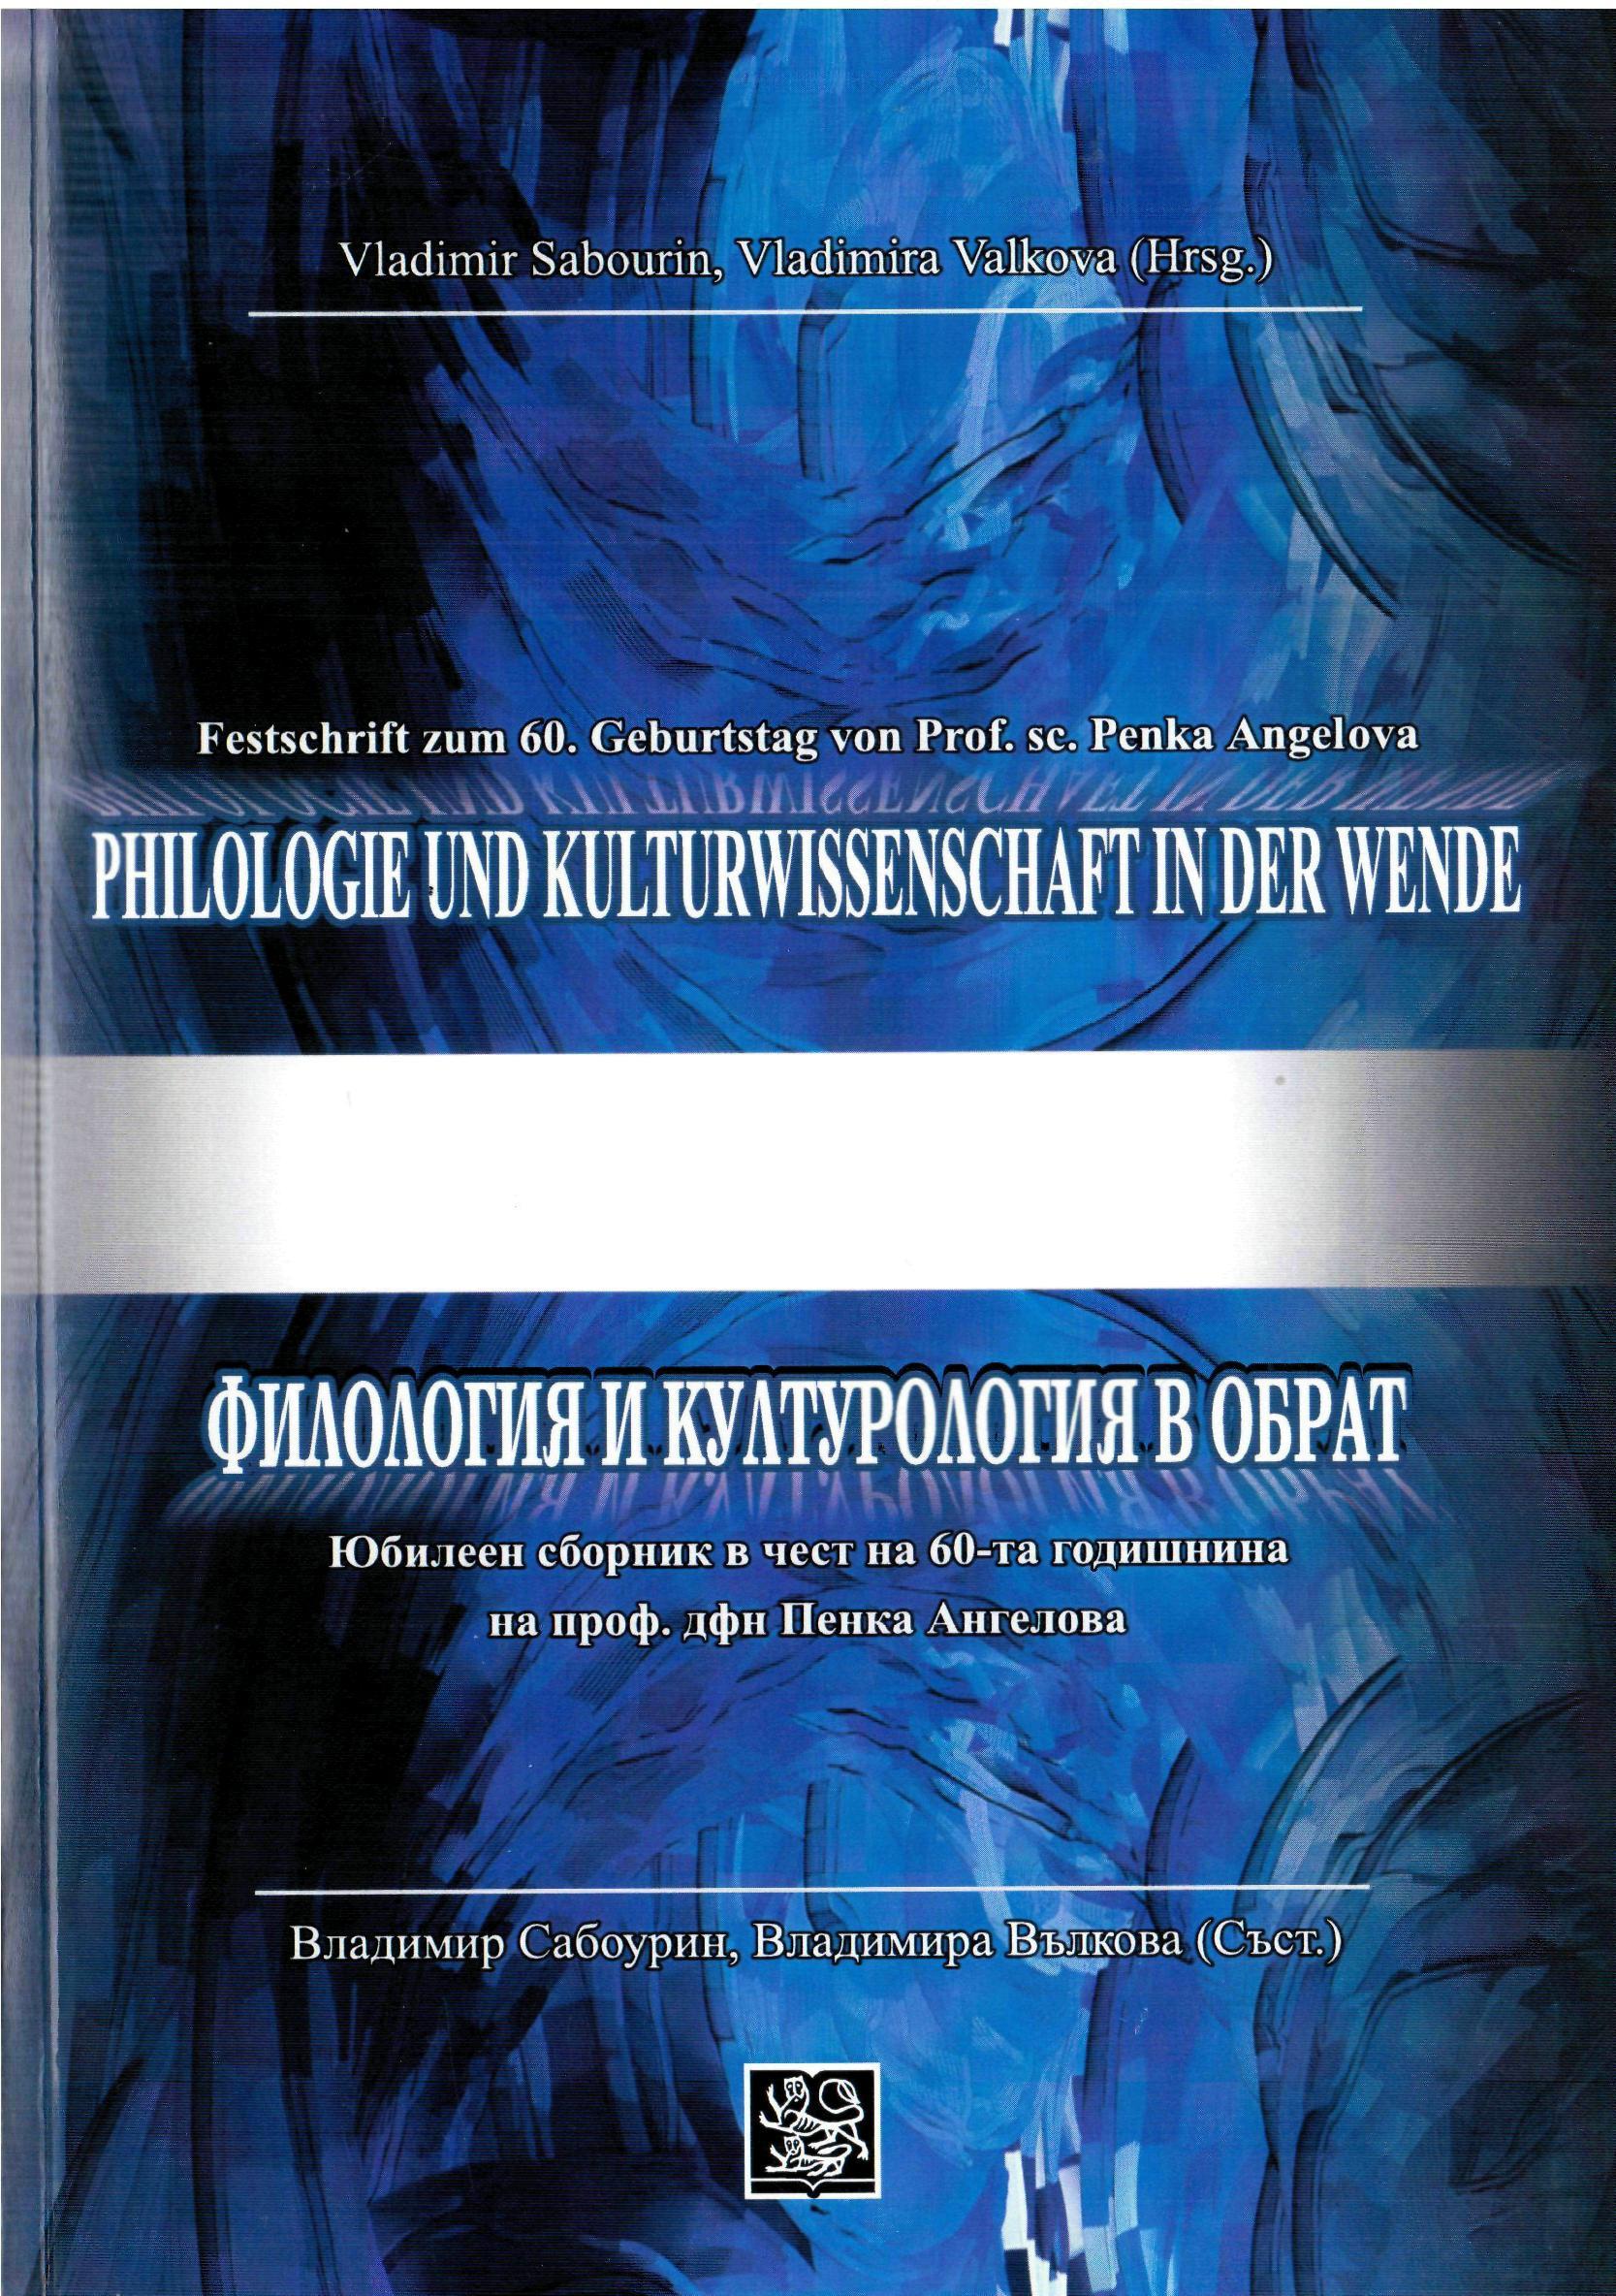 Philologie und Kulturwissenschaft in der Wende. Festschrift zum Geburtstag von Prof. sc. Penka Angelova